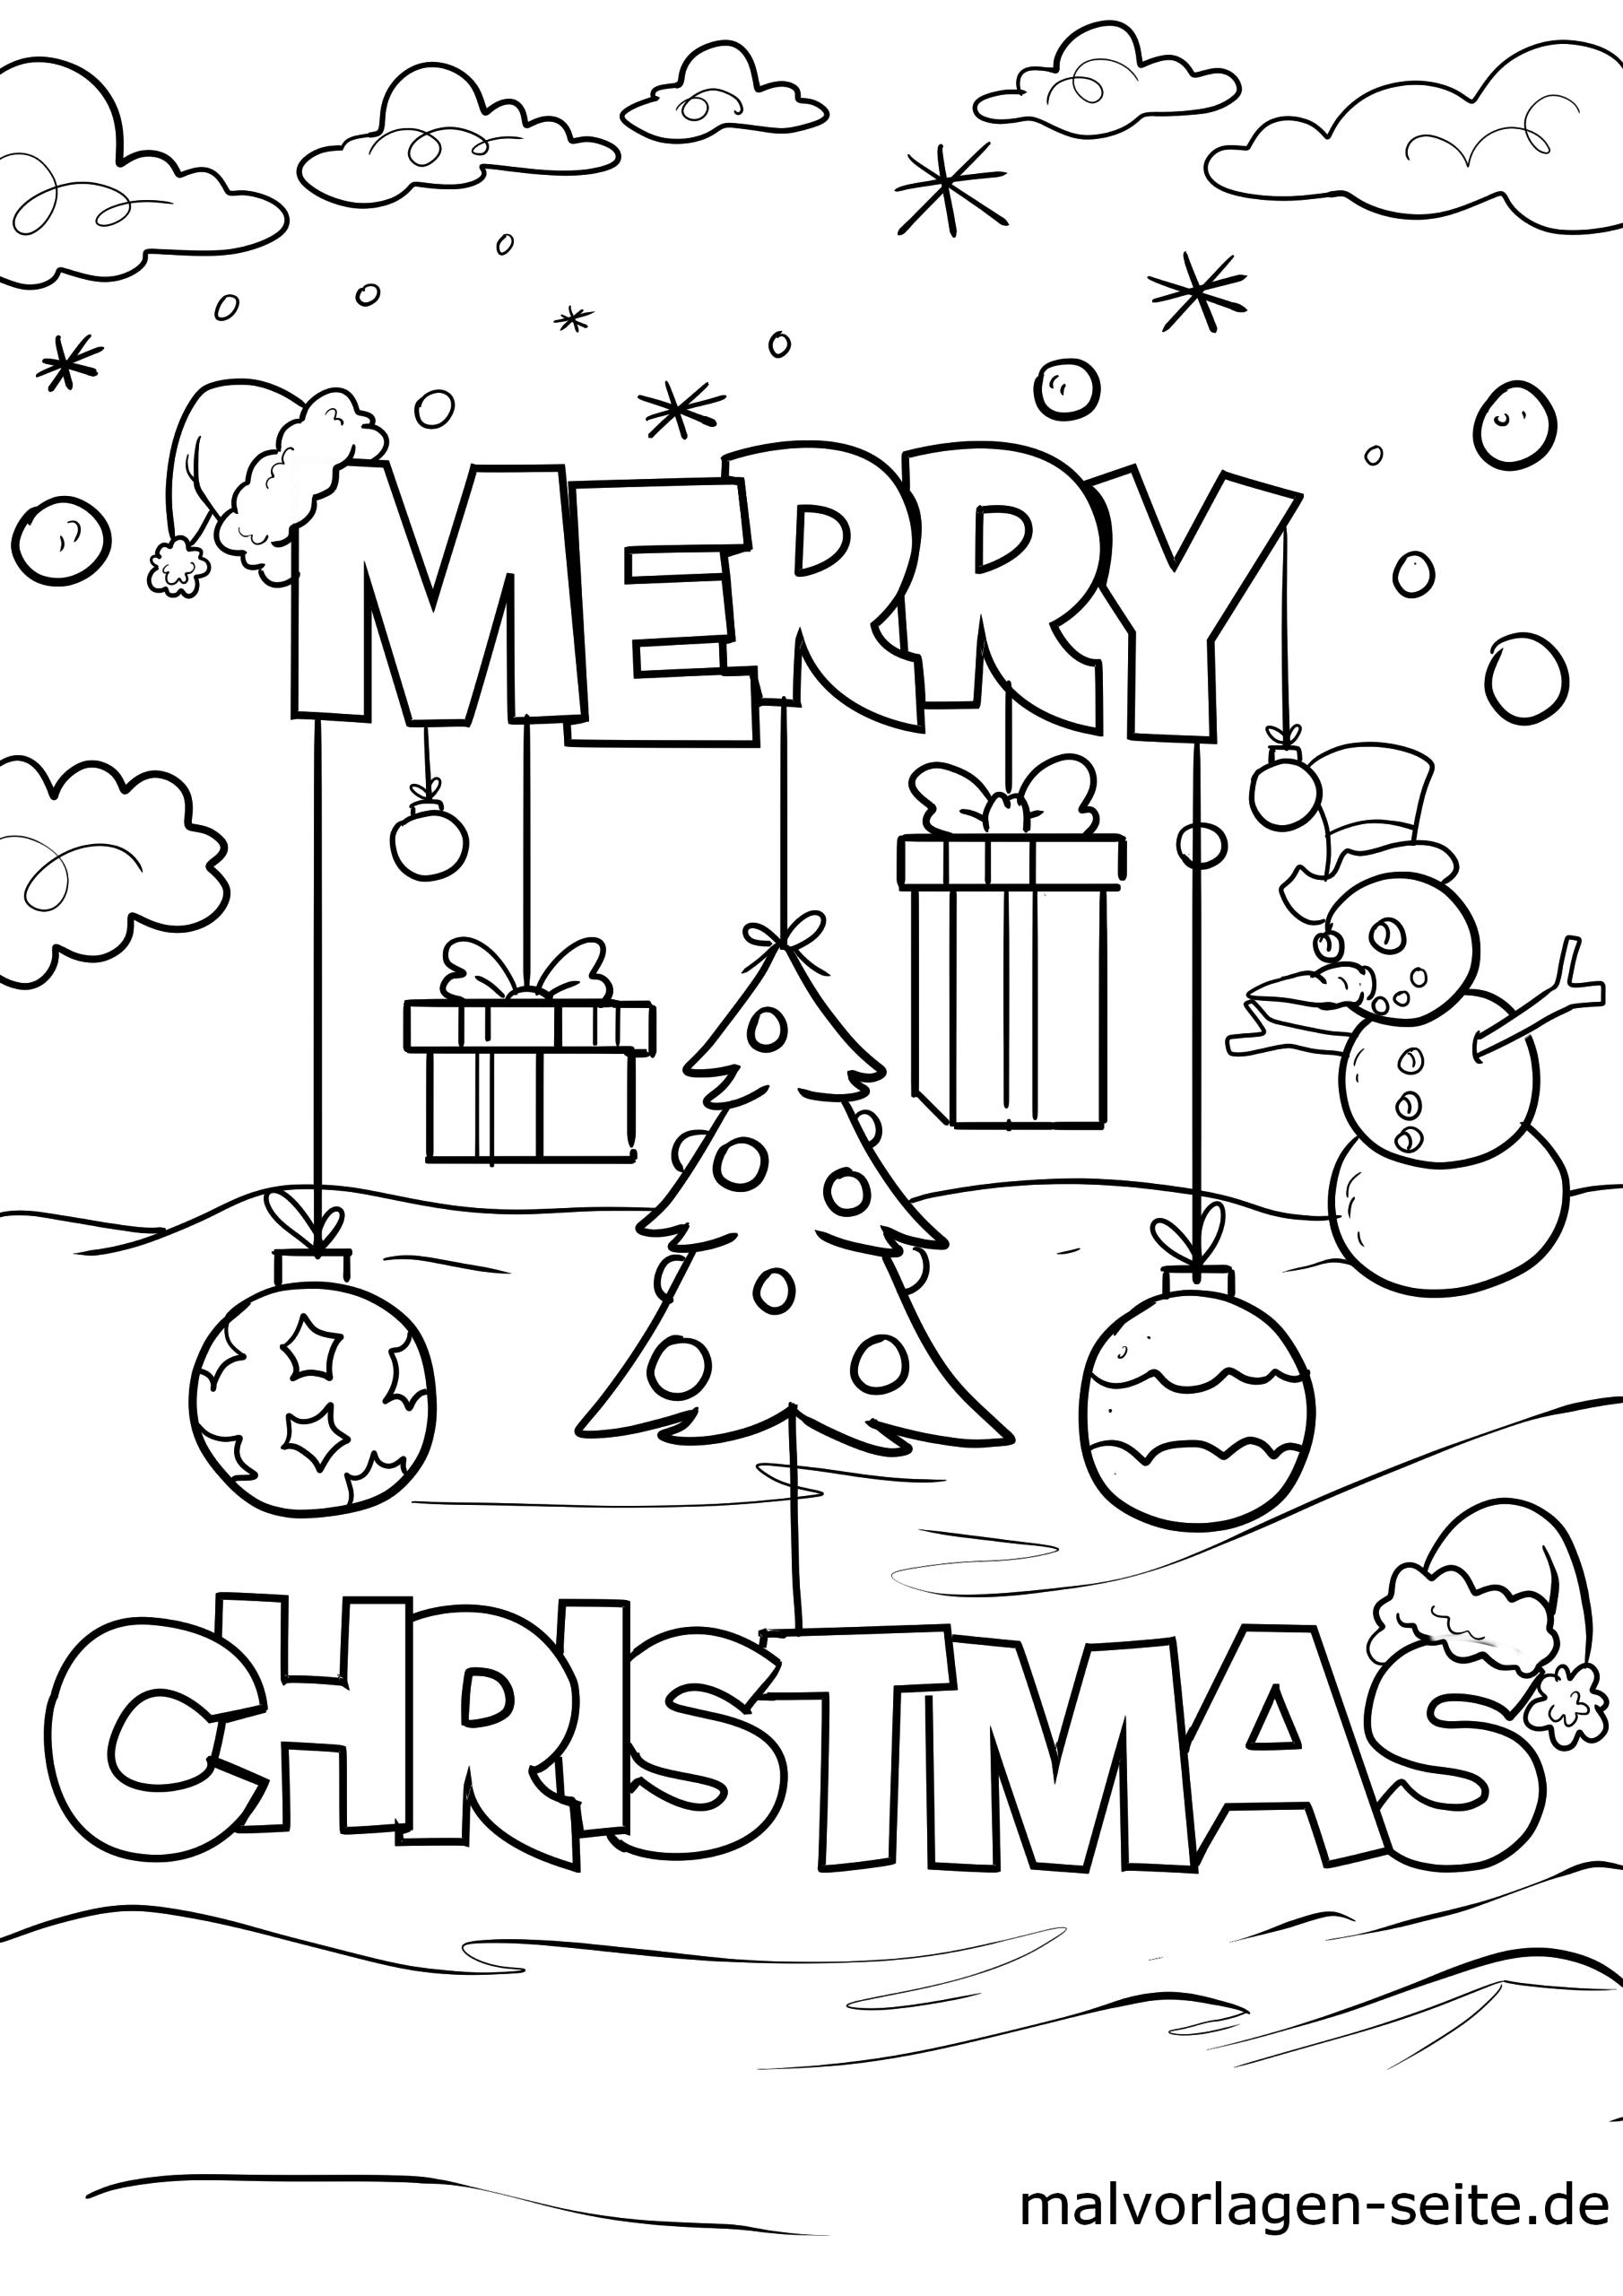 Malvorlage Merry Christmas | Weihnachten - Ausmalbilder mit Ausmalbilder Zu Weihnachten